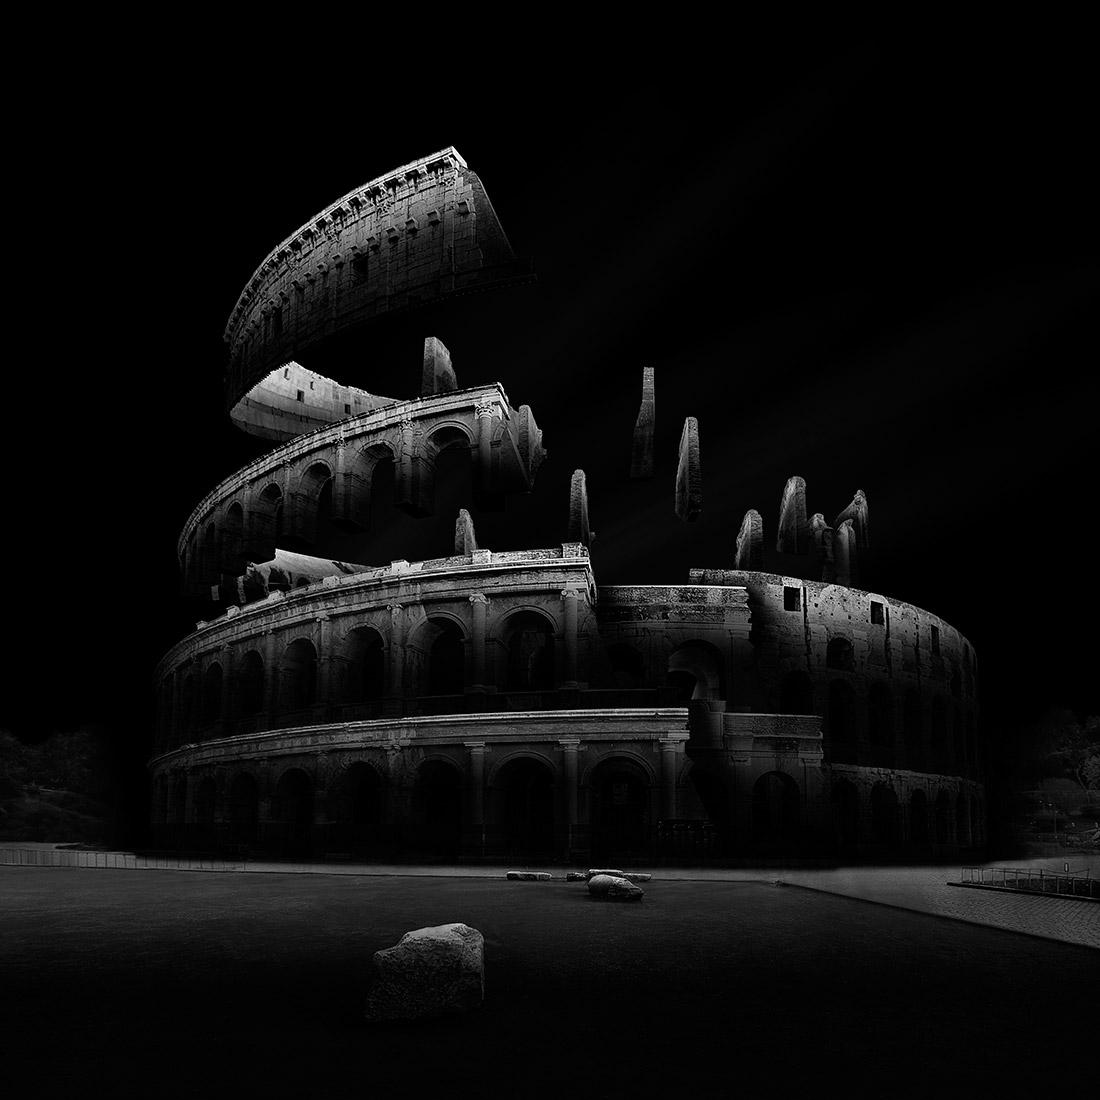 GRVTY2, © Даниэль Гарай Аранго, 1-е место в категории «Архитектура в чёрно-белом», серия, Фотограф чёрно-белой серии года – 2018, Конкурс чёрно-белой фотографии MonoVisions